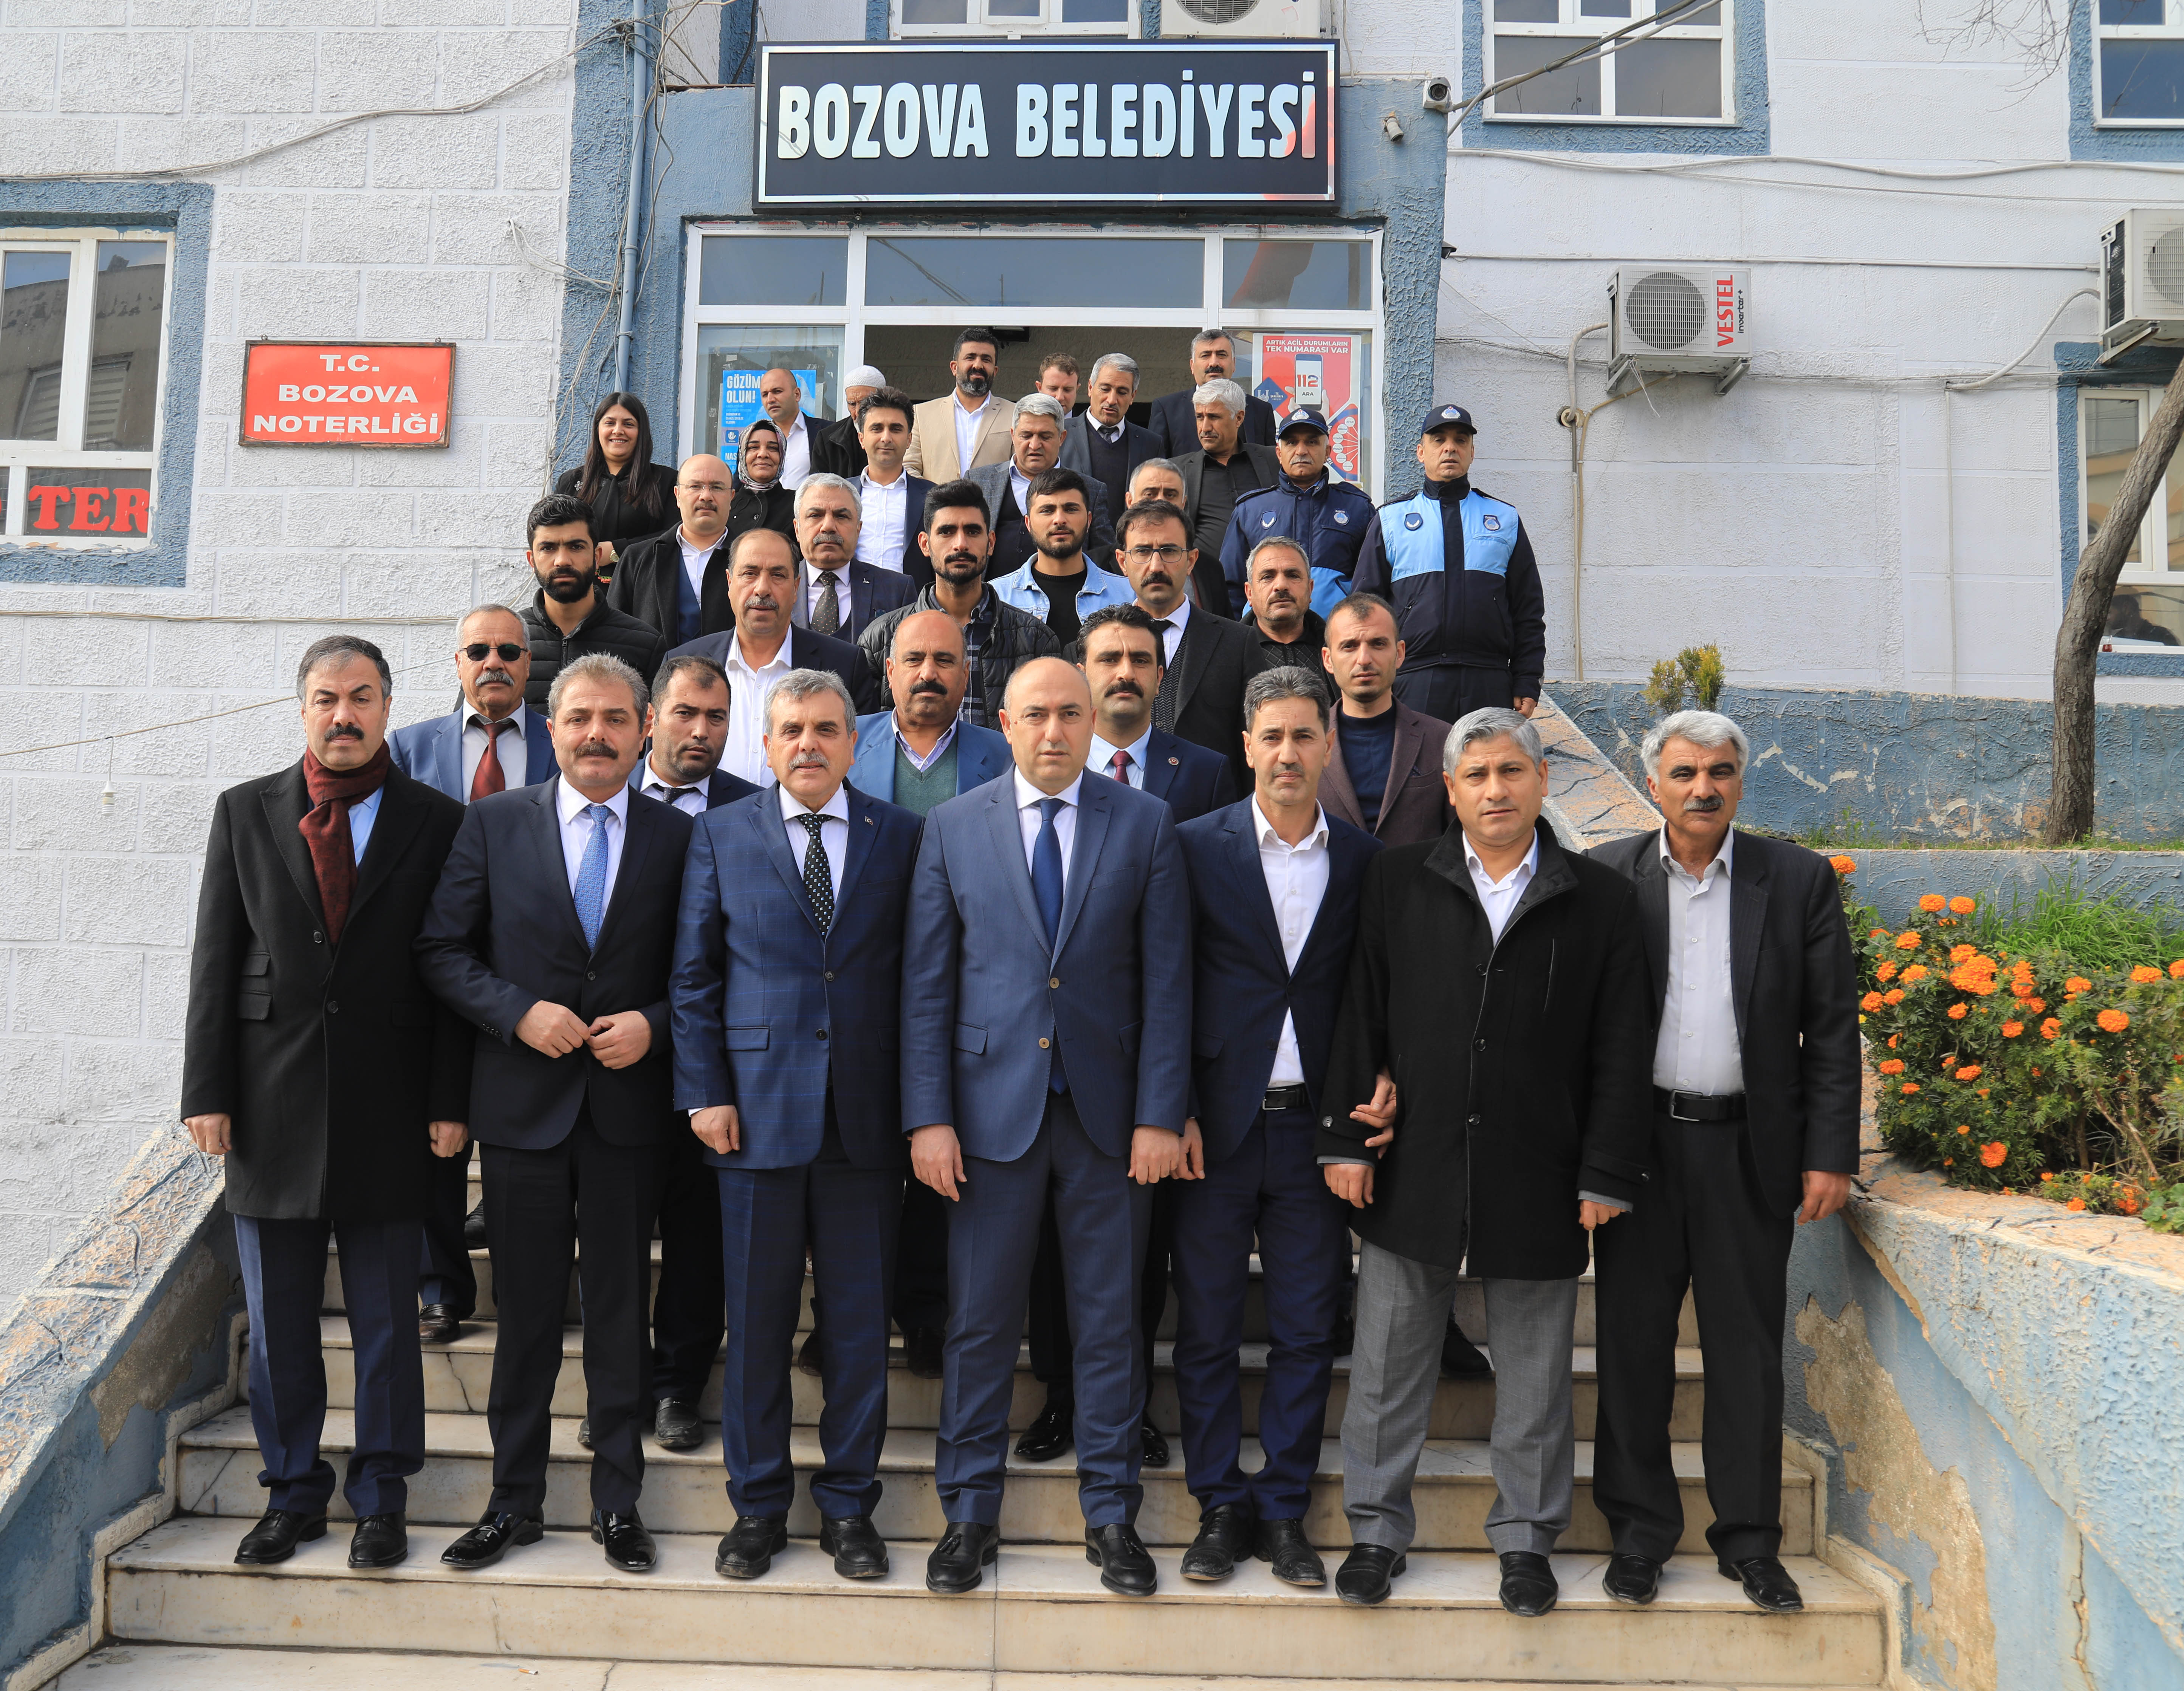 BOZOVA'NIN 2020 HİZMET PLANLAMA TOPLANTISI GERÇEKLEŞTİRİLDİ